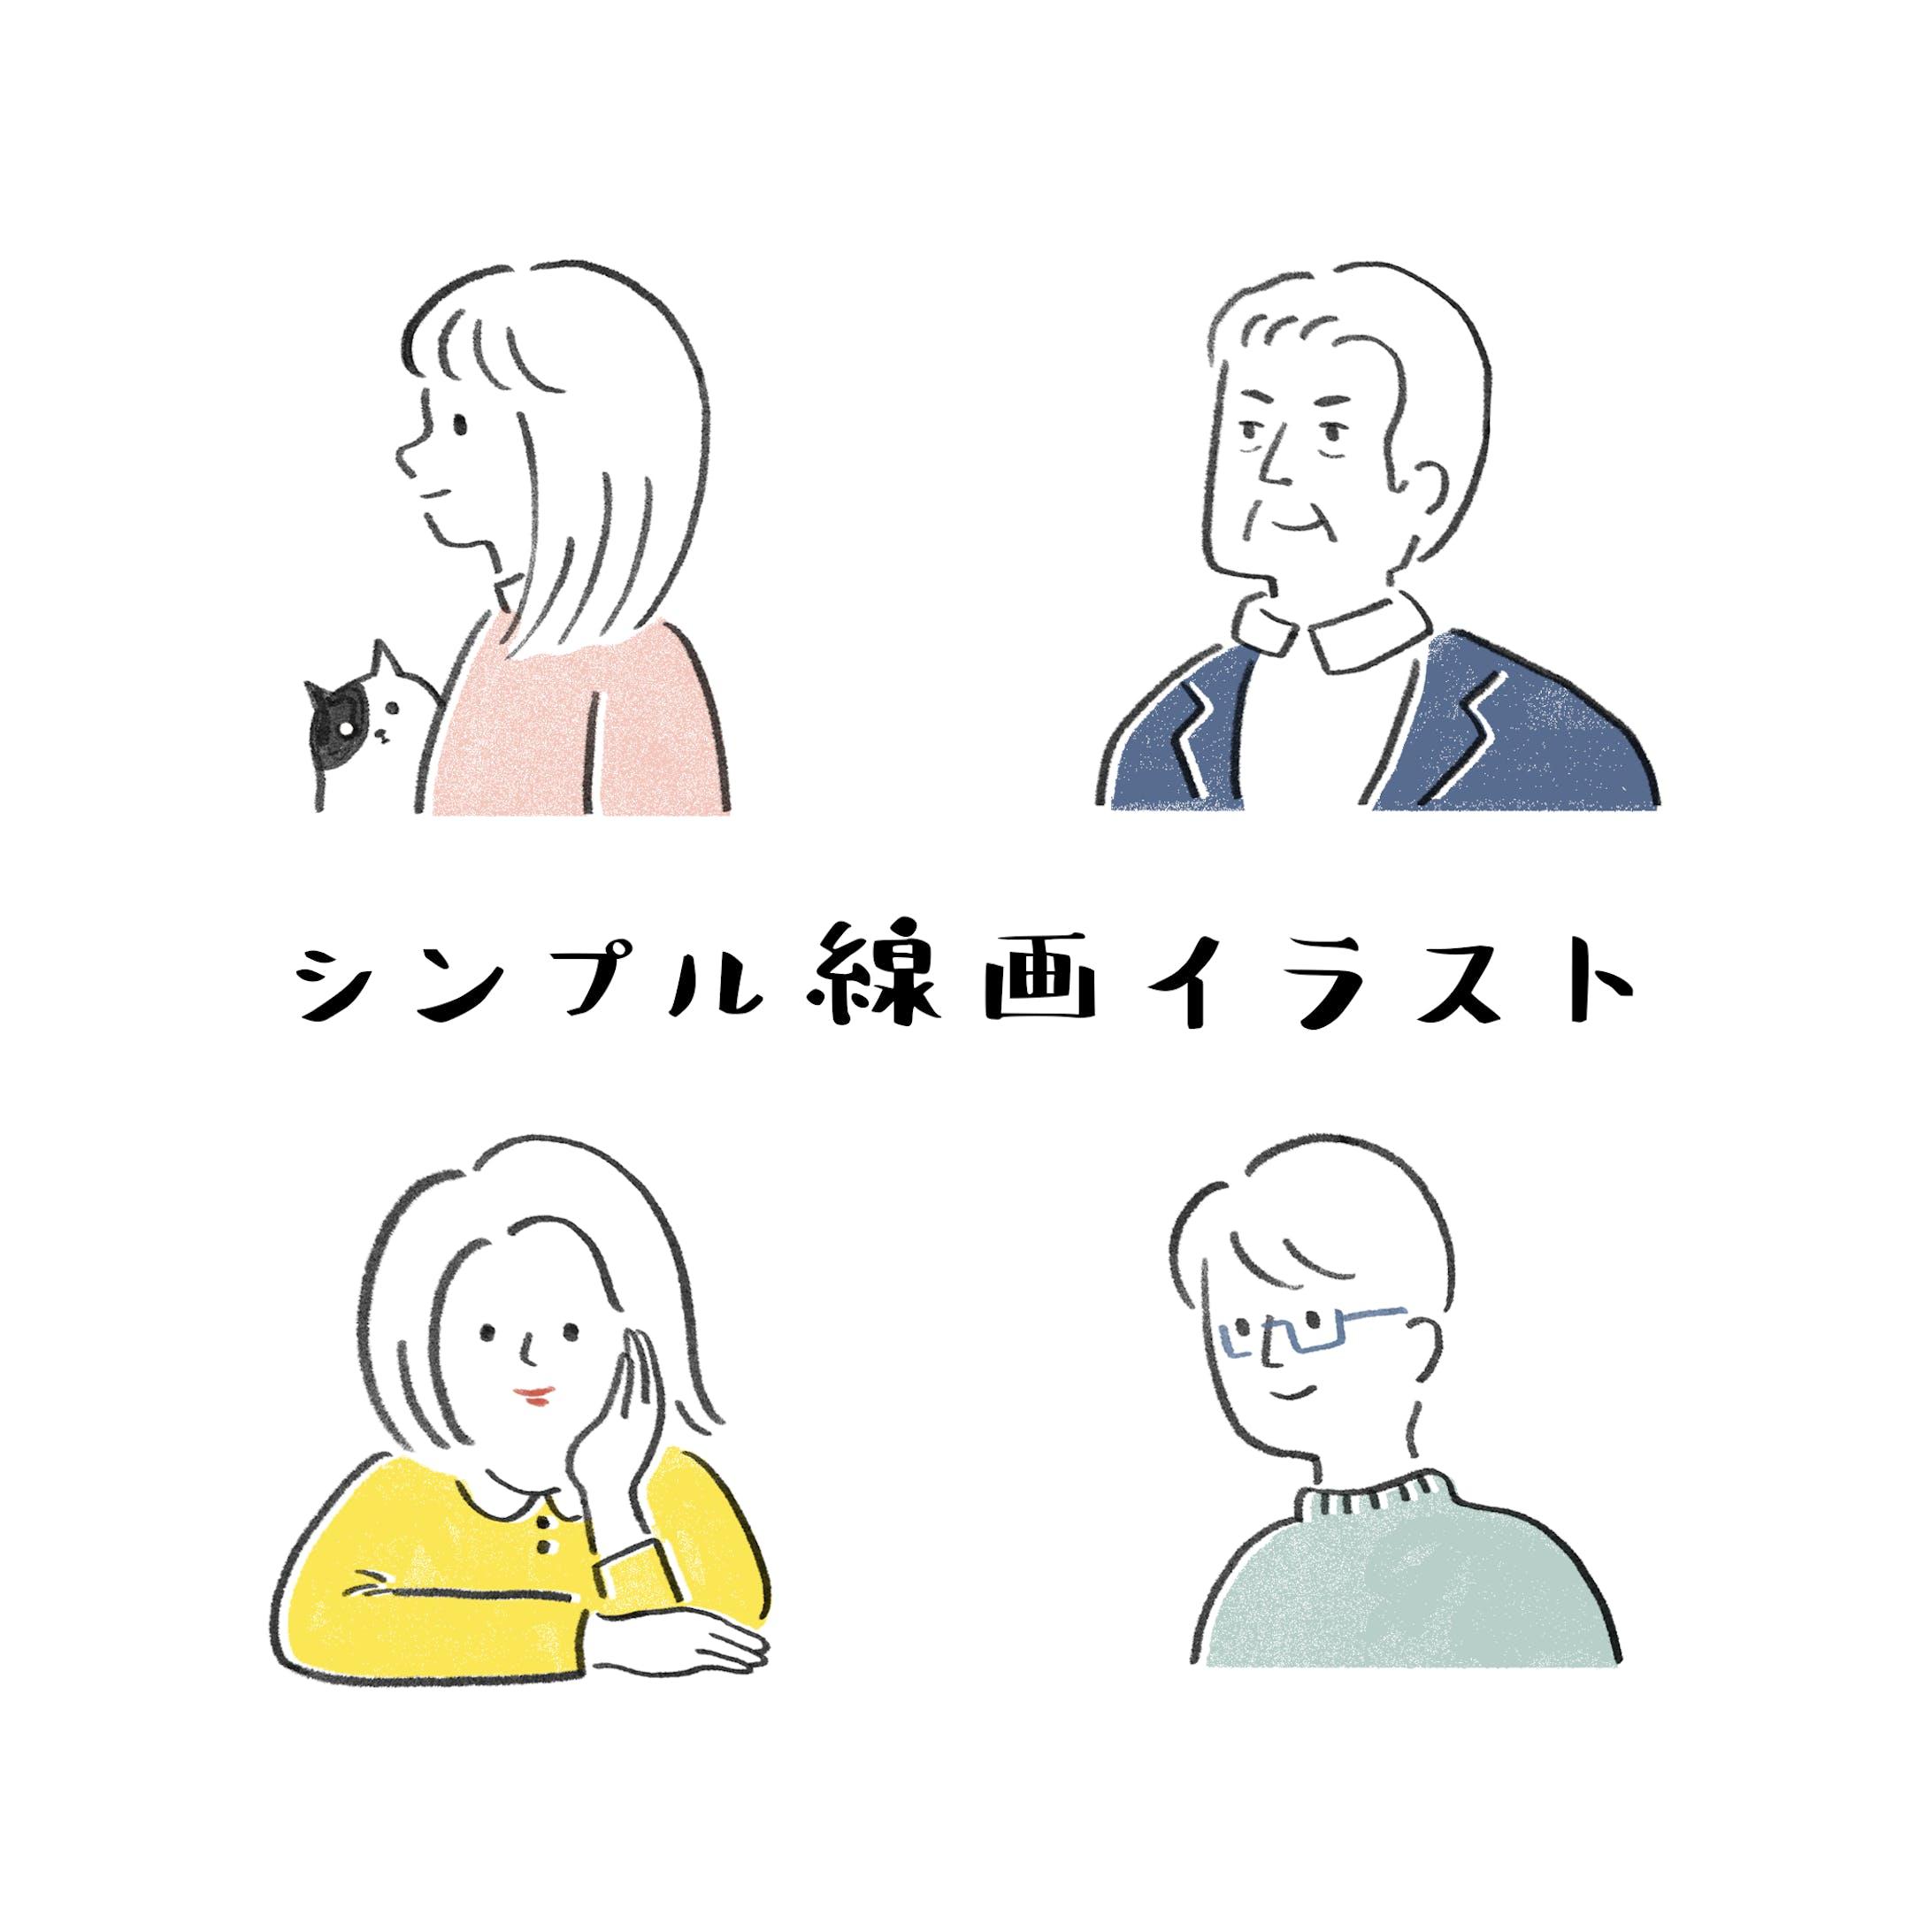 様々なタッチ-6